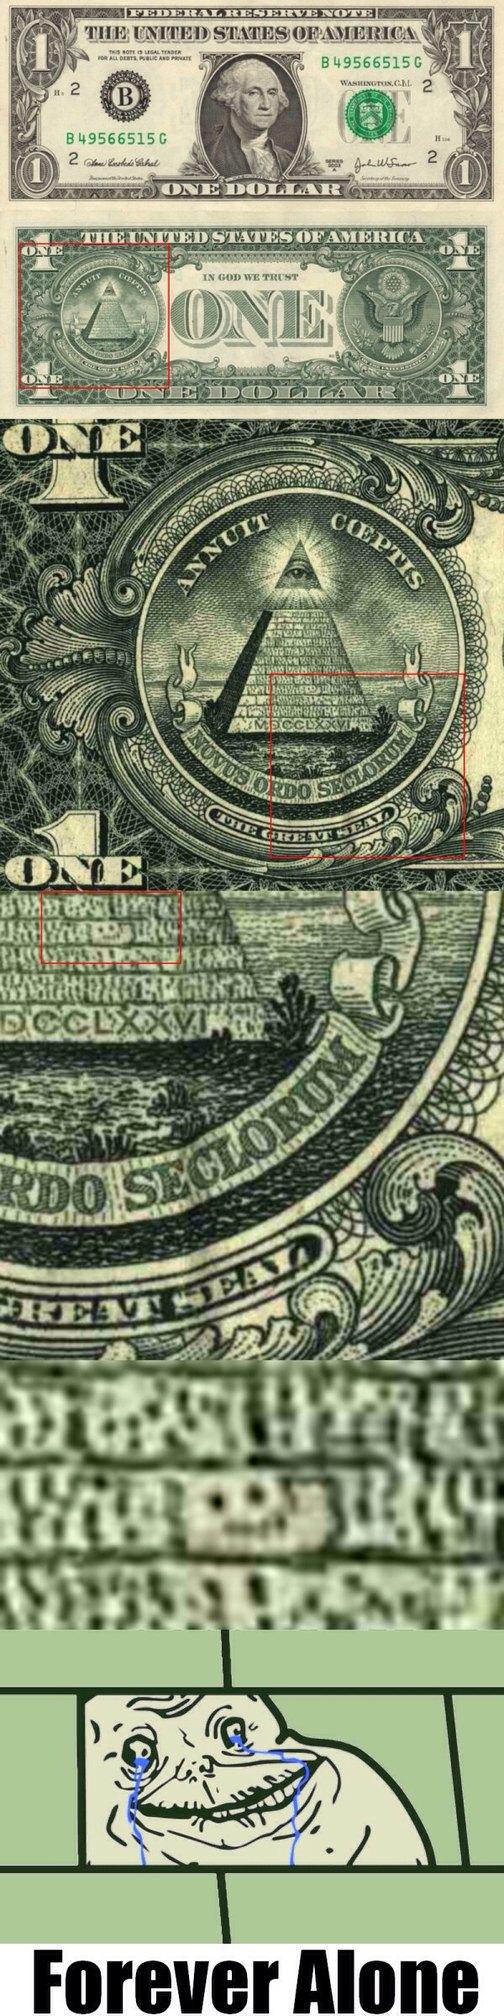 Forever Alone Dollar - meme